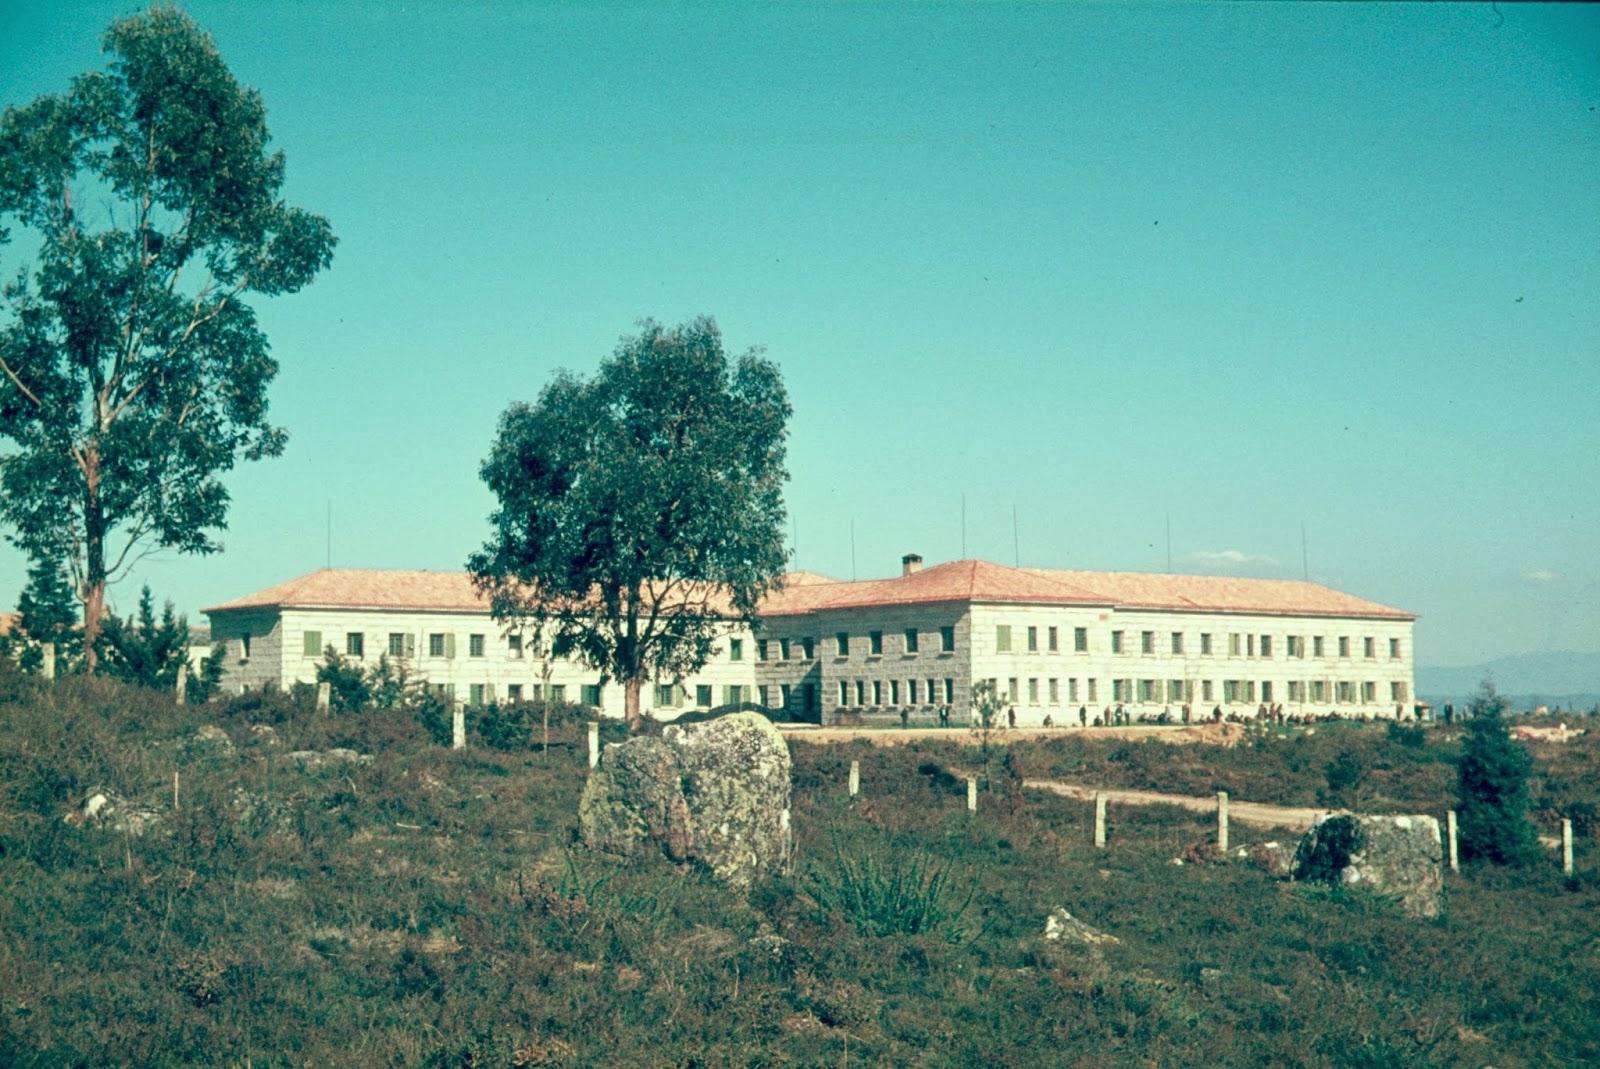 jose garcia villa 3 essay Footnote to youth by jose garcia villa footnote to youth by jose garcia villa  3 months ago abmysari ocir 4 months ago.